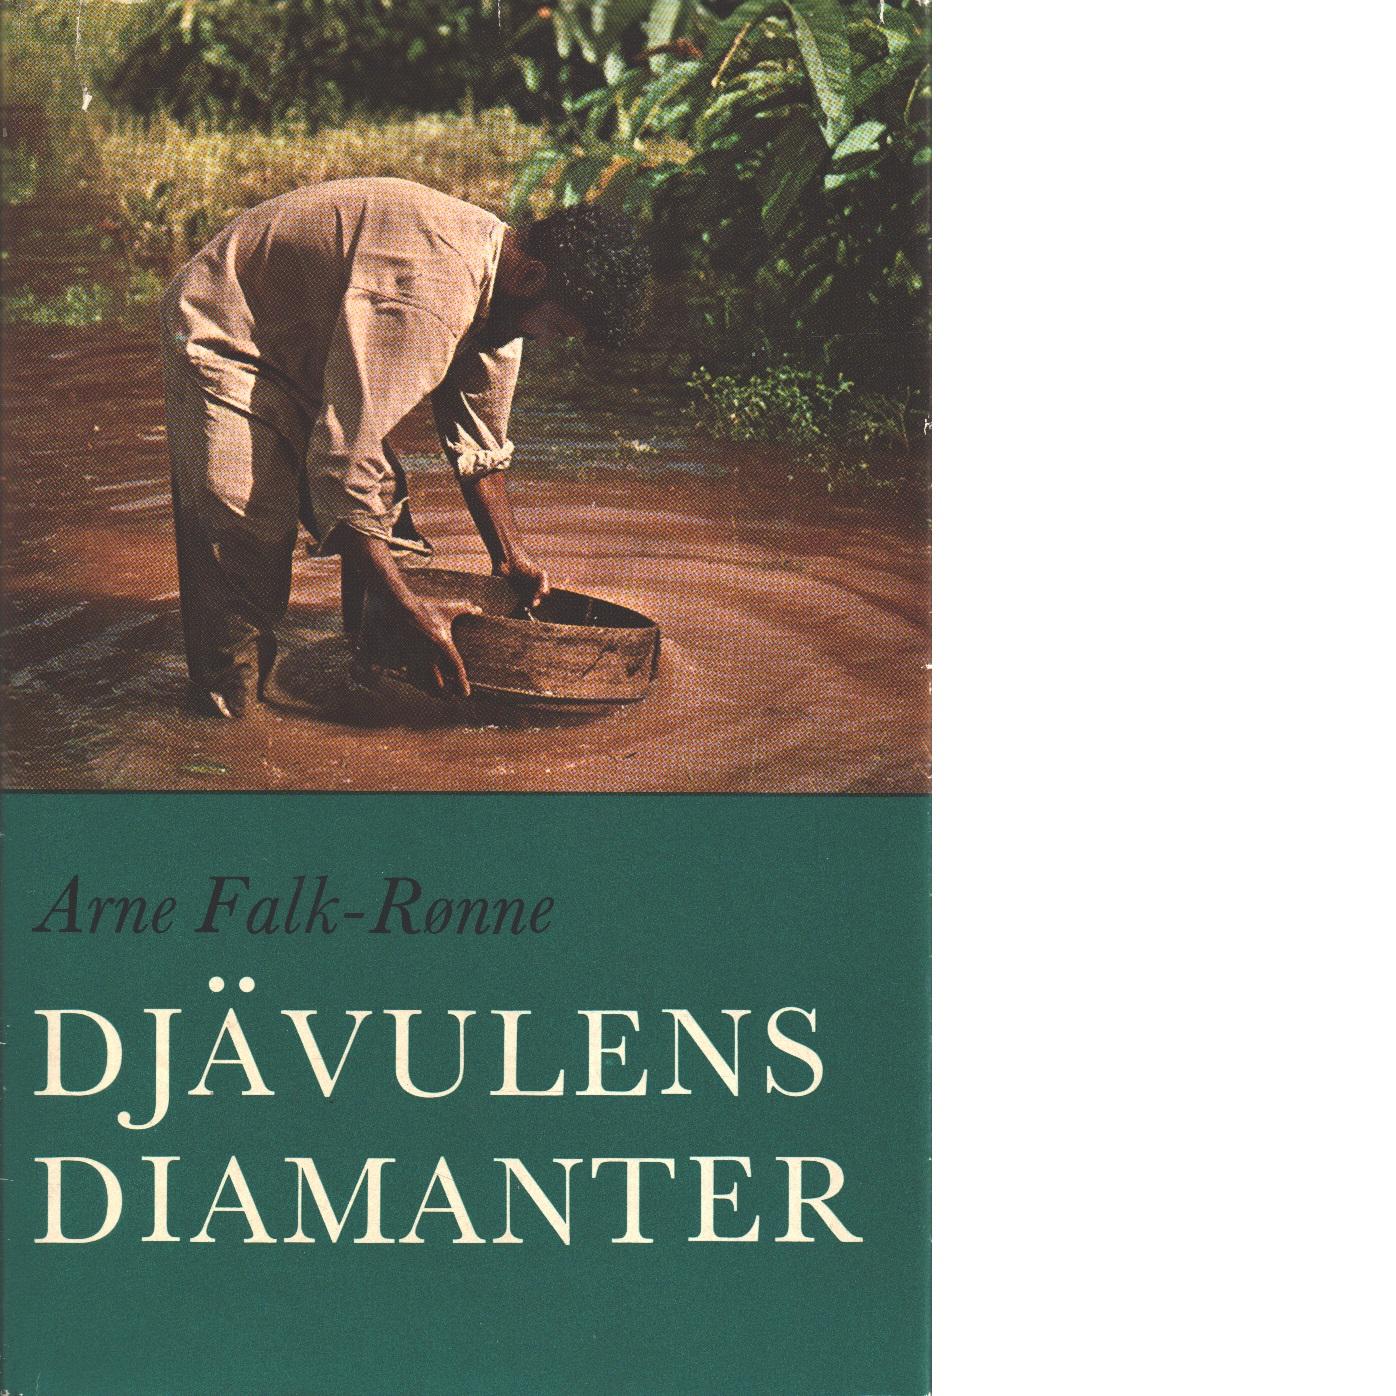 Djävulens diamanter : genom guayanas djungler i conquistadorernas spår - Falk-rønne, Arne